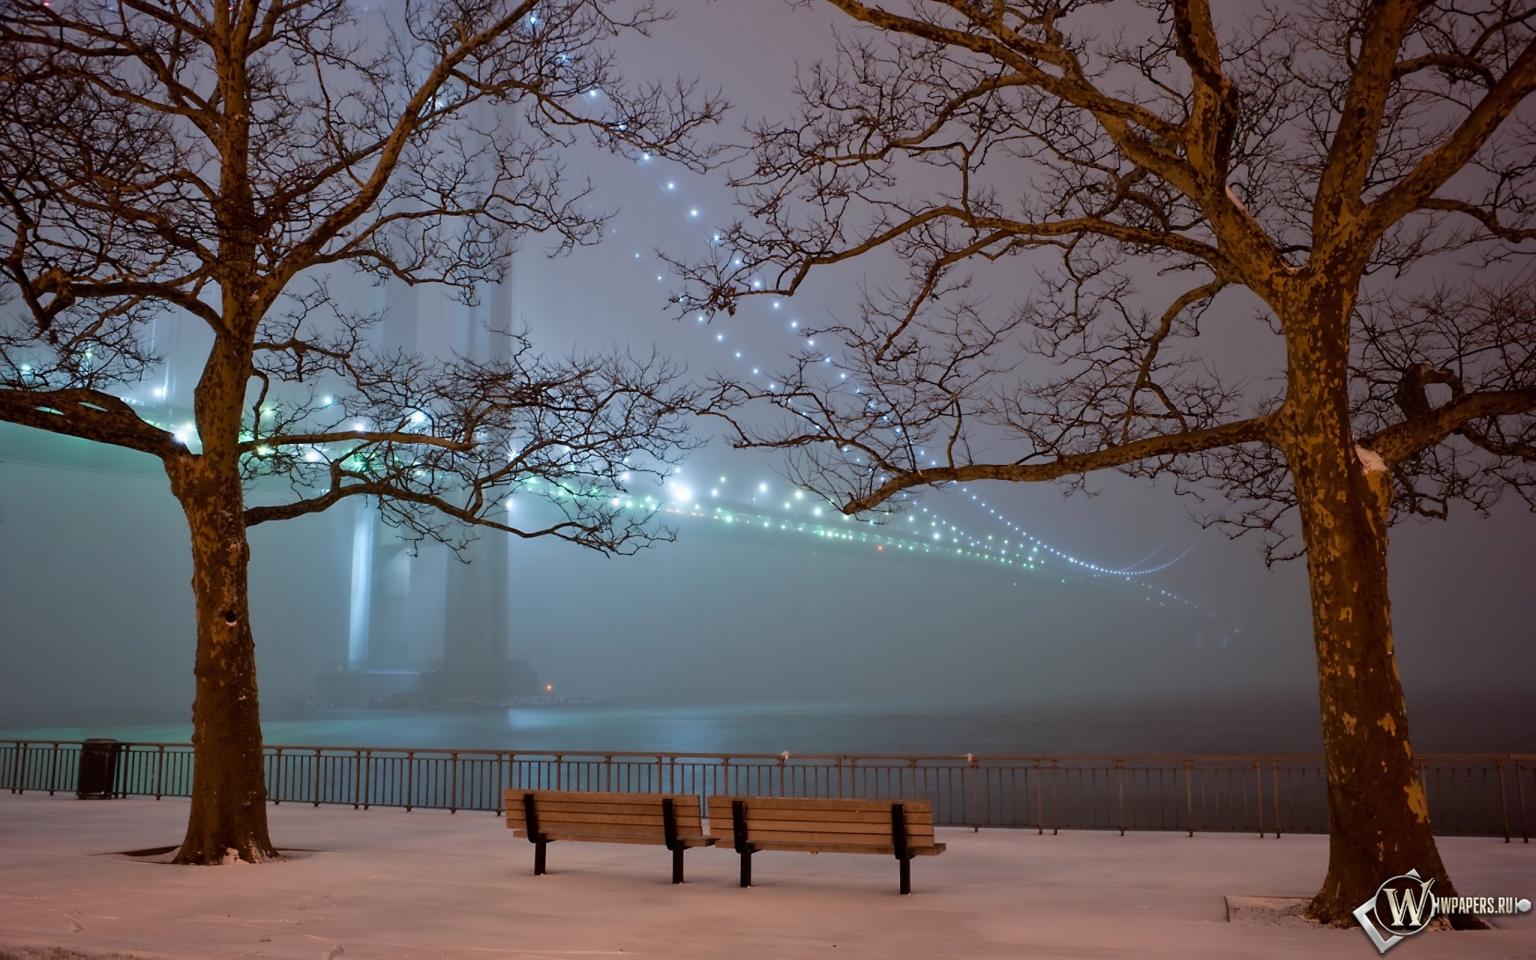 Парк вечером огни зима снег деревья